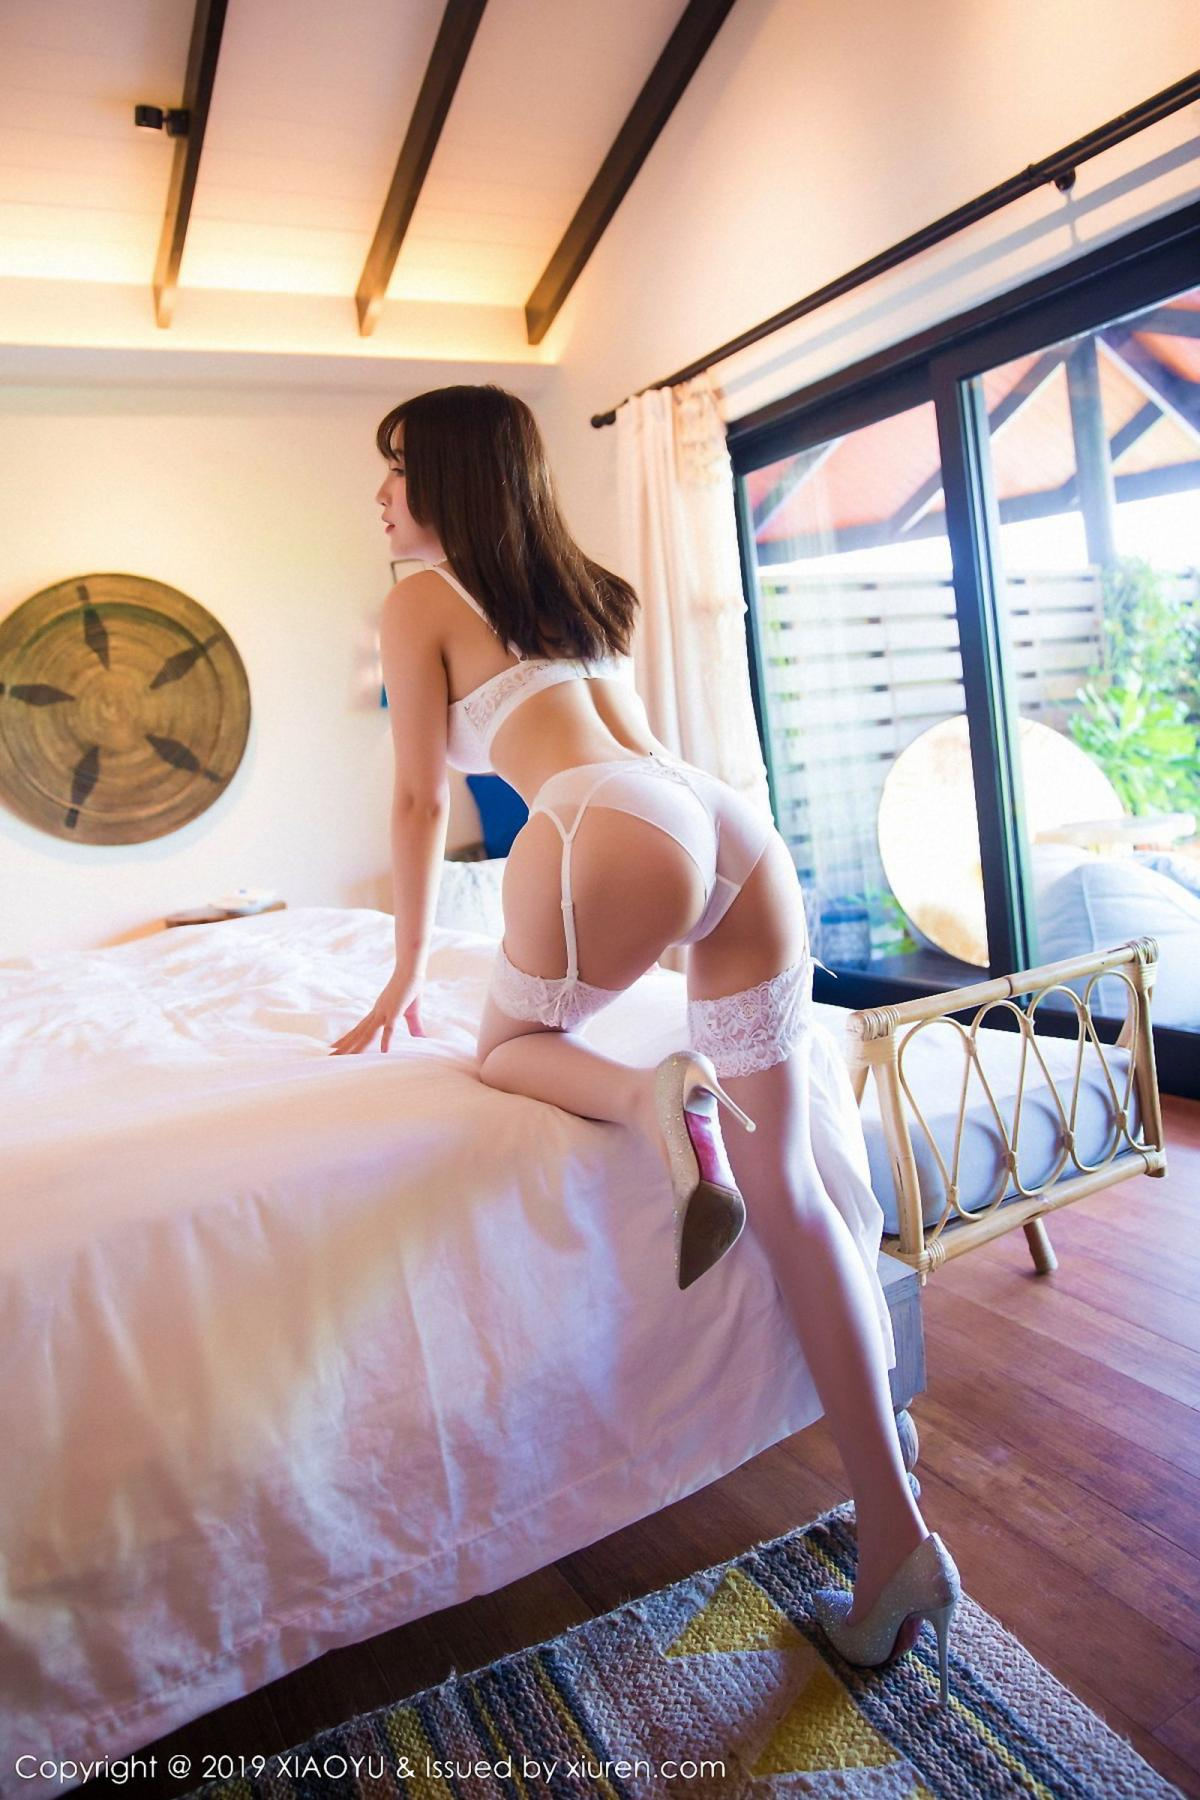 [XiaoYu] Vol.027 Xie Zhi Xin 39P, Bathroom, Underwear, XiaoYu, Xie Zhi Xin